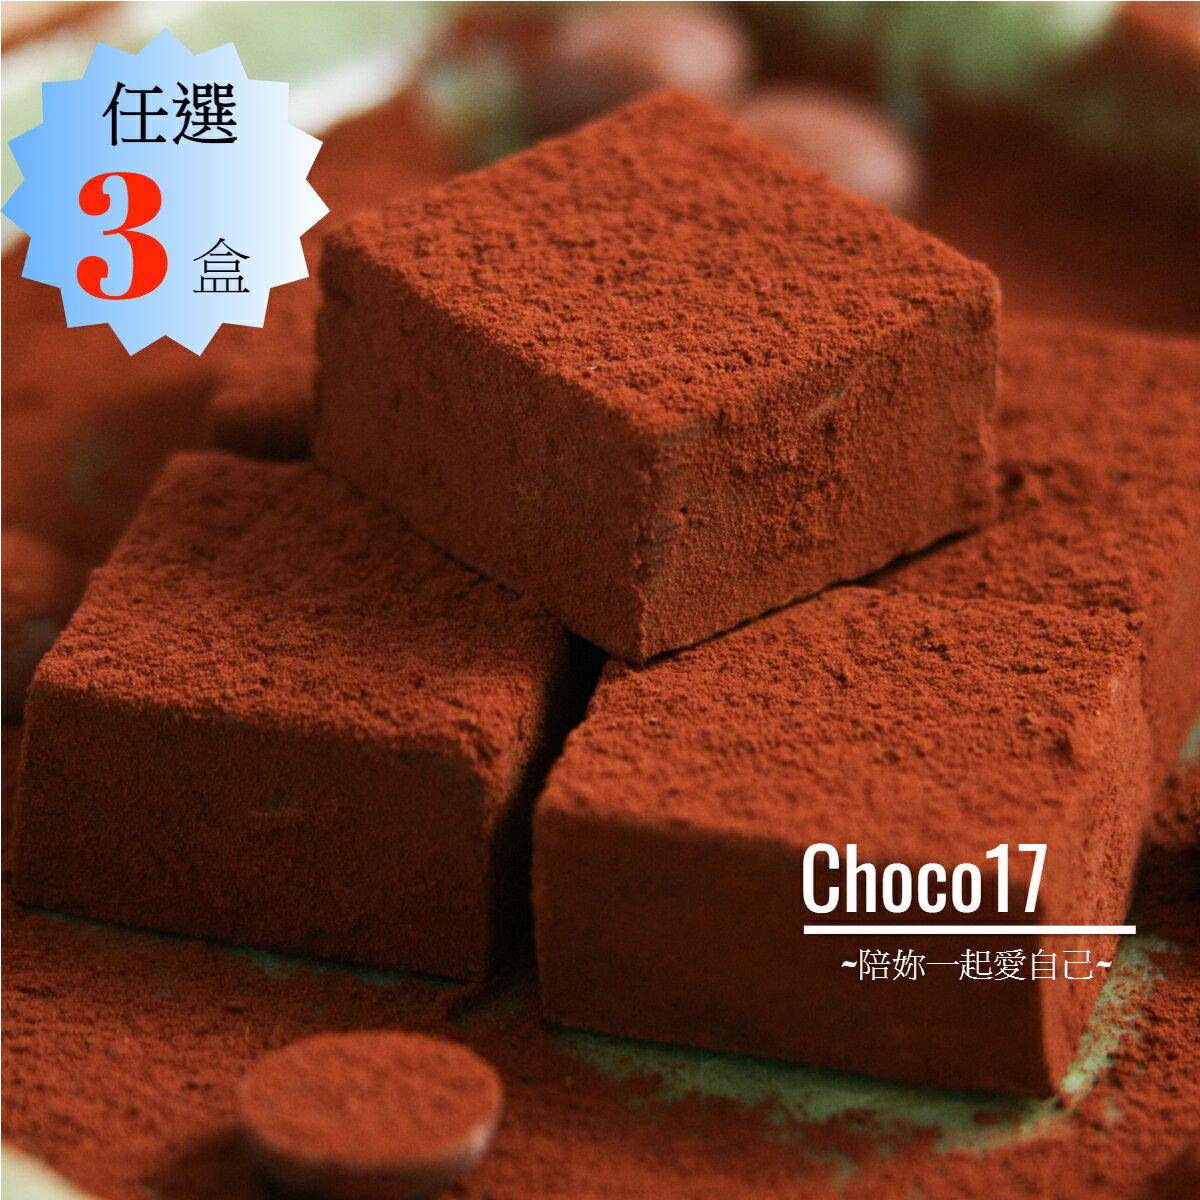 人氣經典生巧克力 口味任選3盒 $1000❤1分鐘狂賣4盒❤【Choco17 香謝17巧克力】巧克力專賣   | APP下單滿$1000現折$100 0